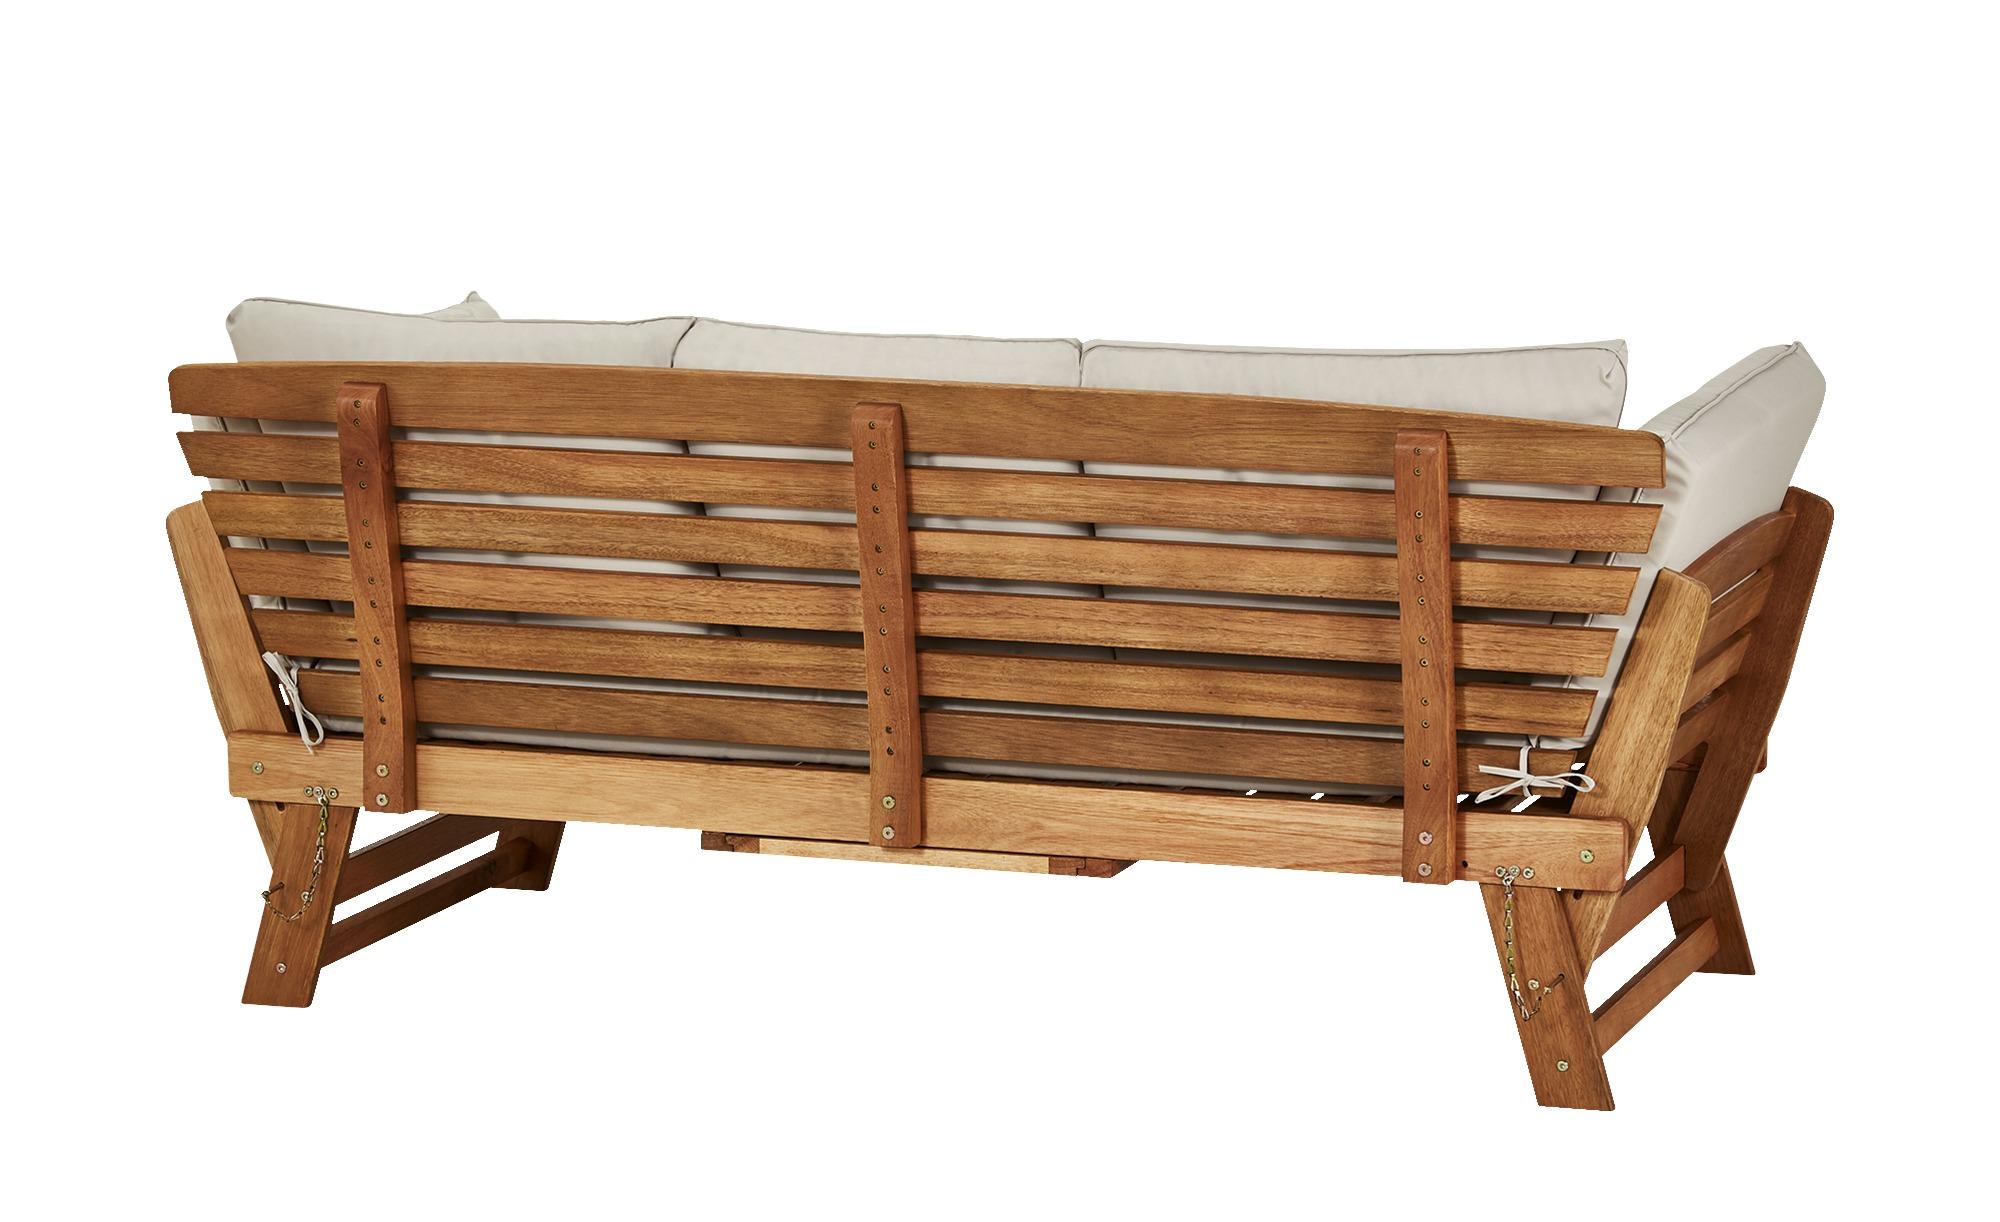 Full Size of Gartensofa Ausziehbar 2er Holz 2 Sitzer Garten Sofa Holstein Mbel Hffner Runder Esstisch Weiß Massiv Eiche Ausziehbarer Rund 160 Glas Ausziehbares Bett Wohnzimmer Gartensofa Ausziehbar